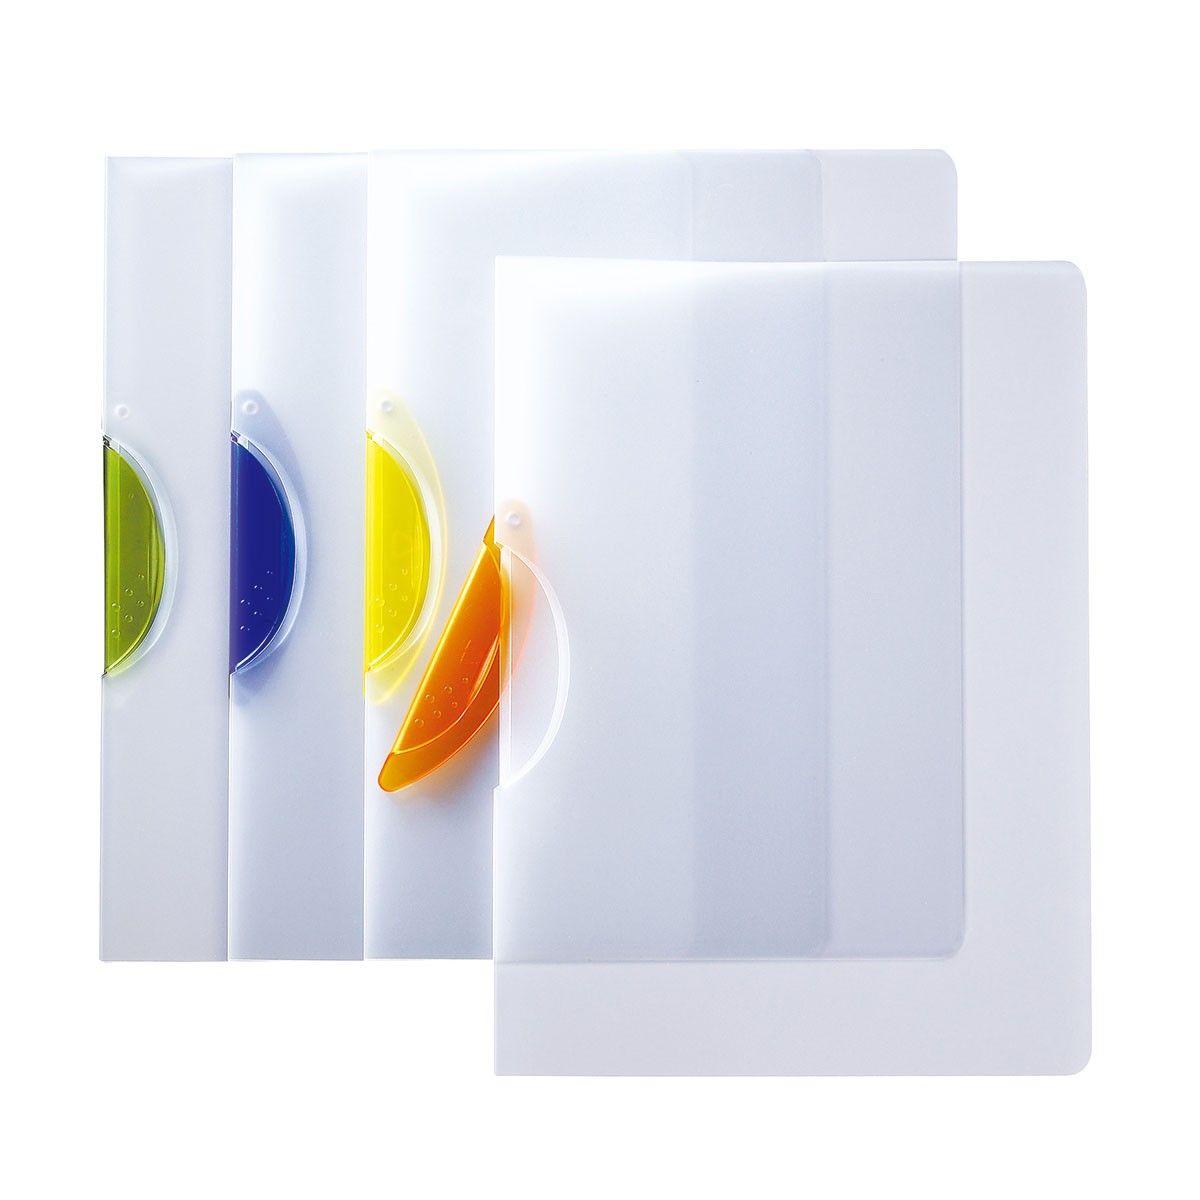 Chemise à Clip Transparente/Assortis, 5/paquet (DK-SRC-01QS)